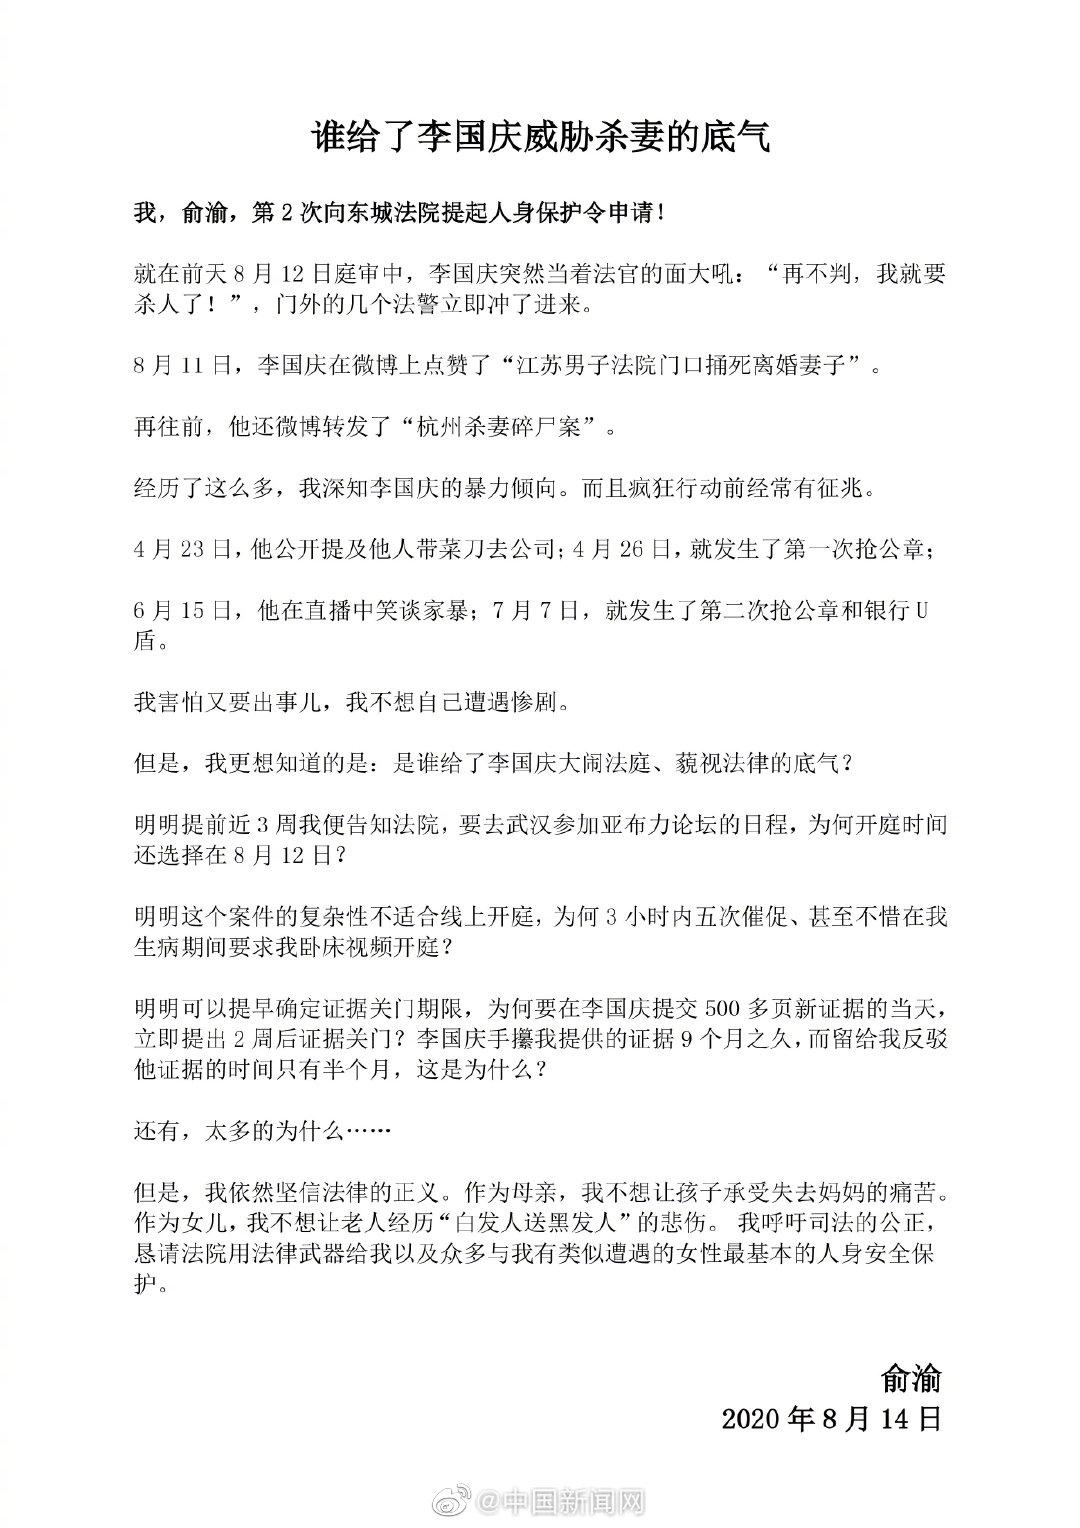 鱼雨的公开信:谁让李国庆有信心威胁要杀死他的妻子